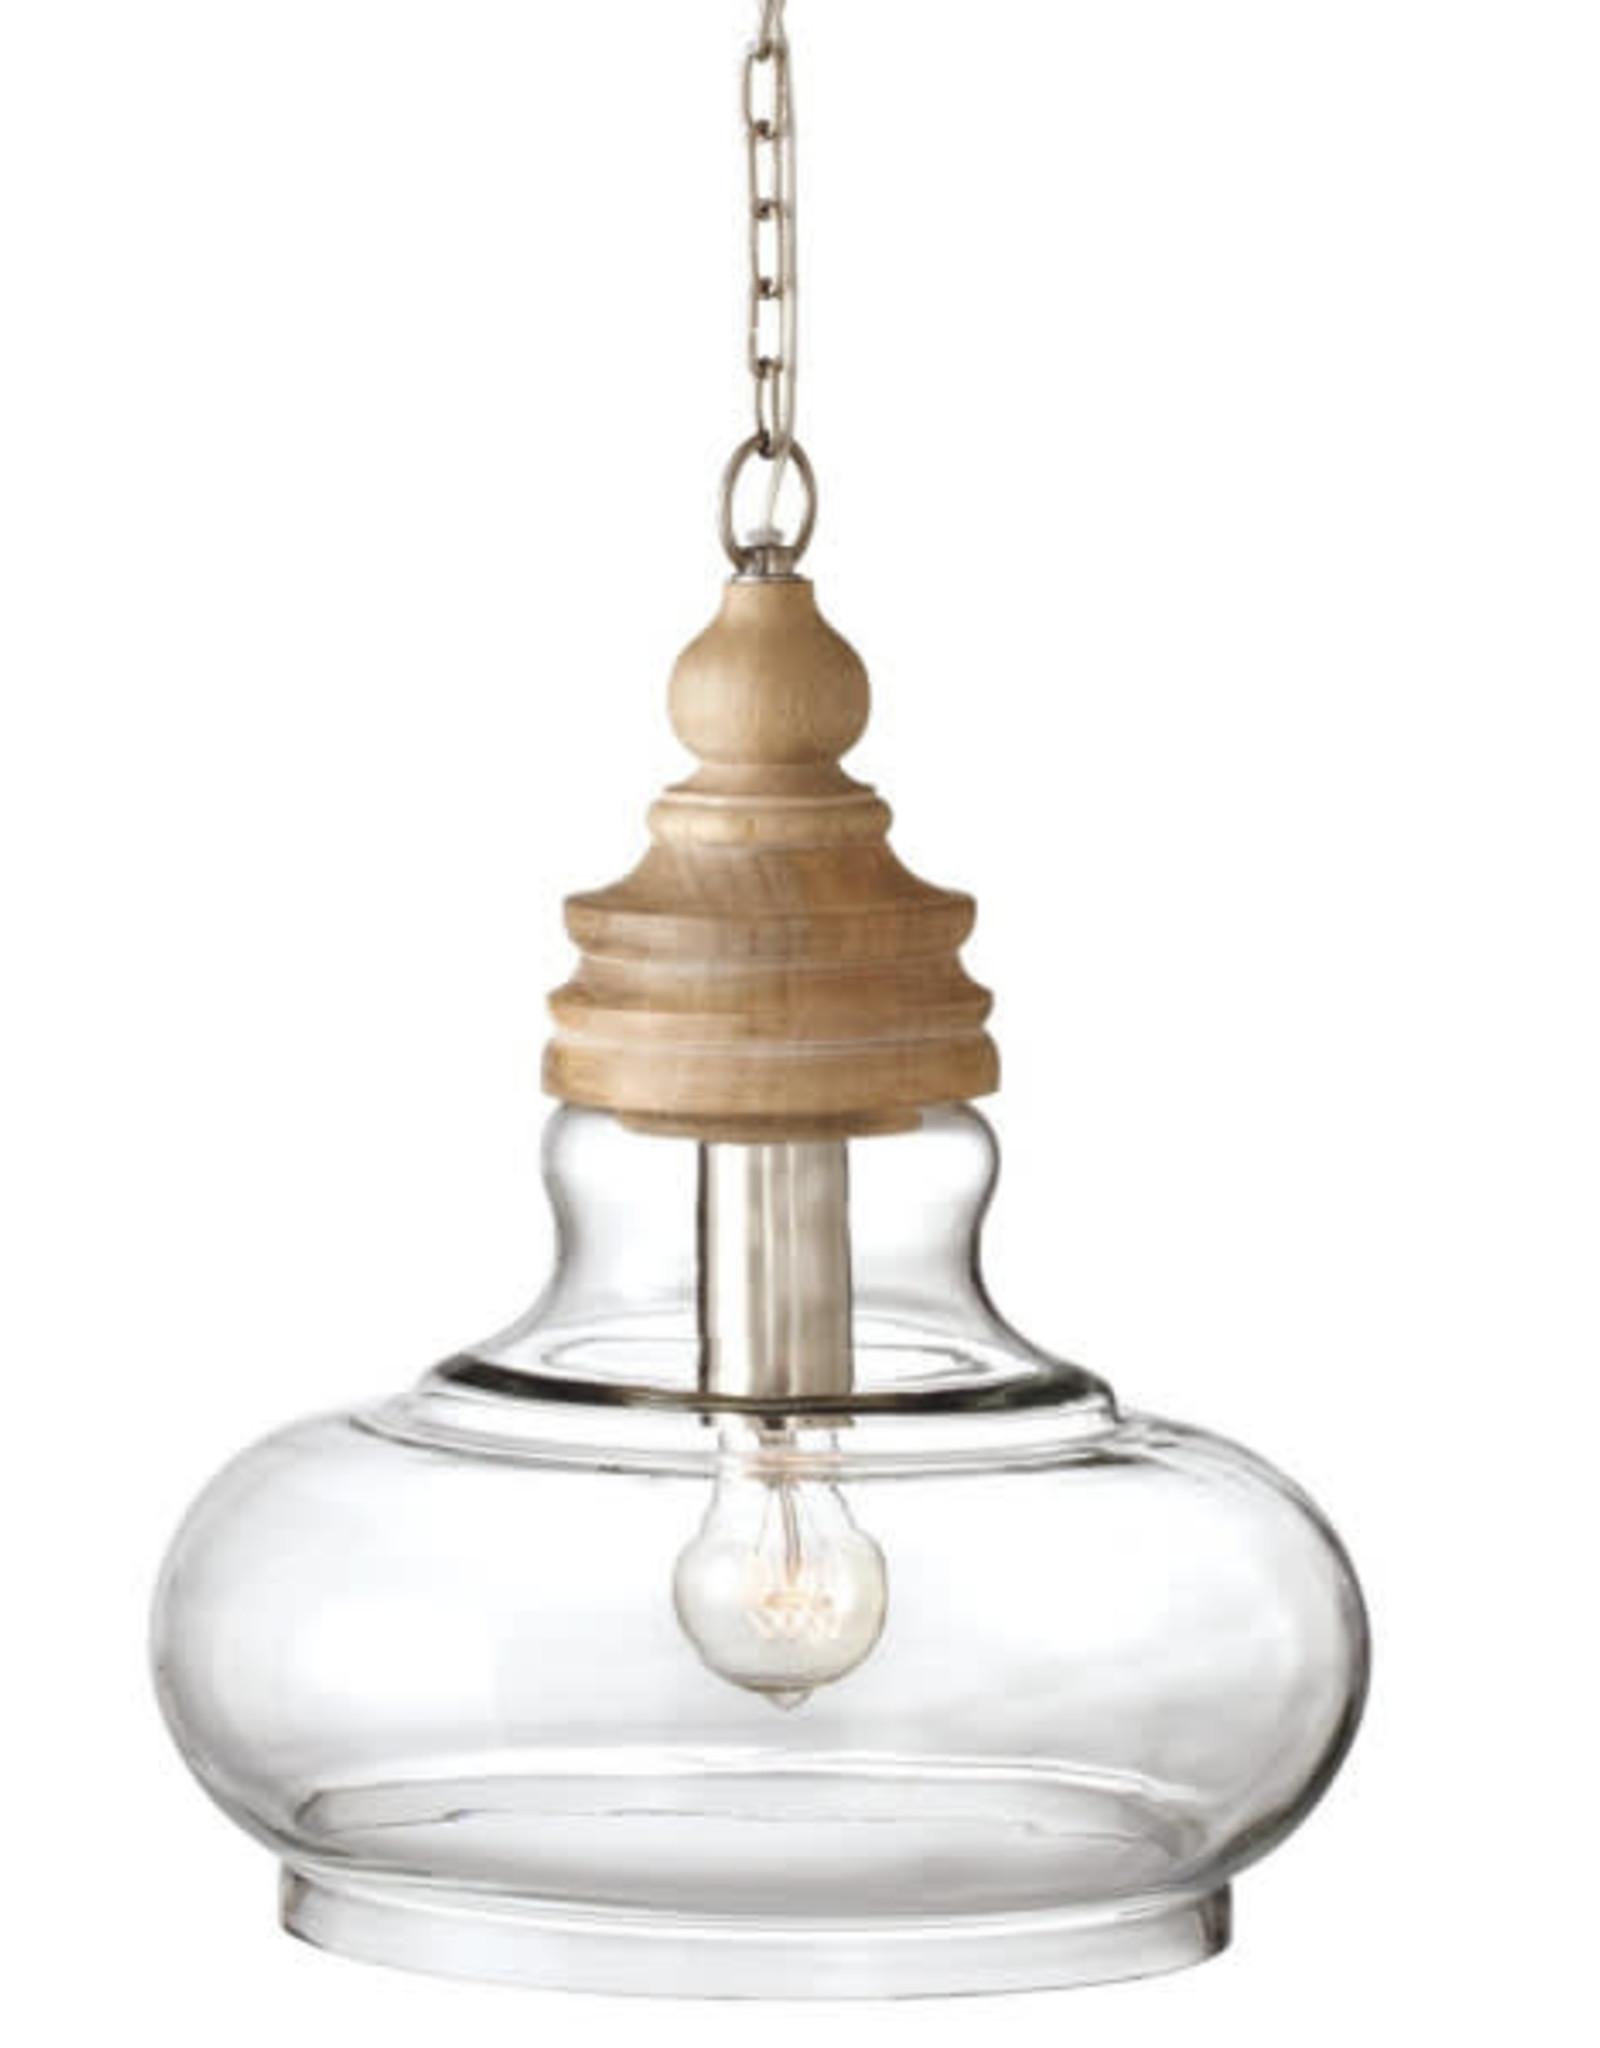 LAMP BUBBLE GLASS PENDANT